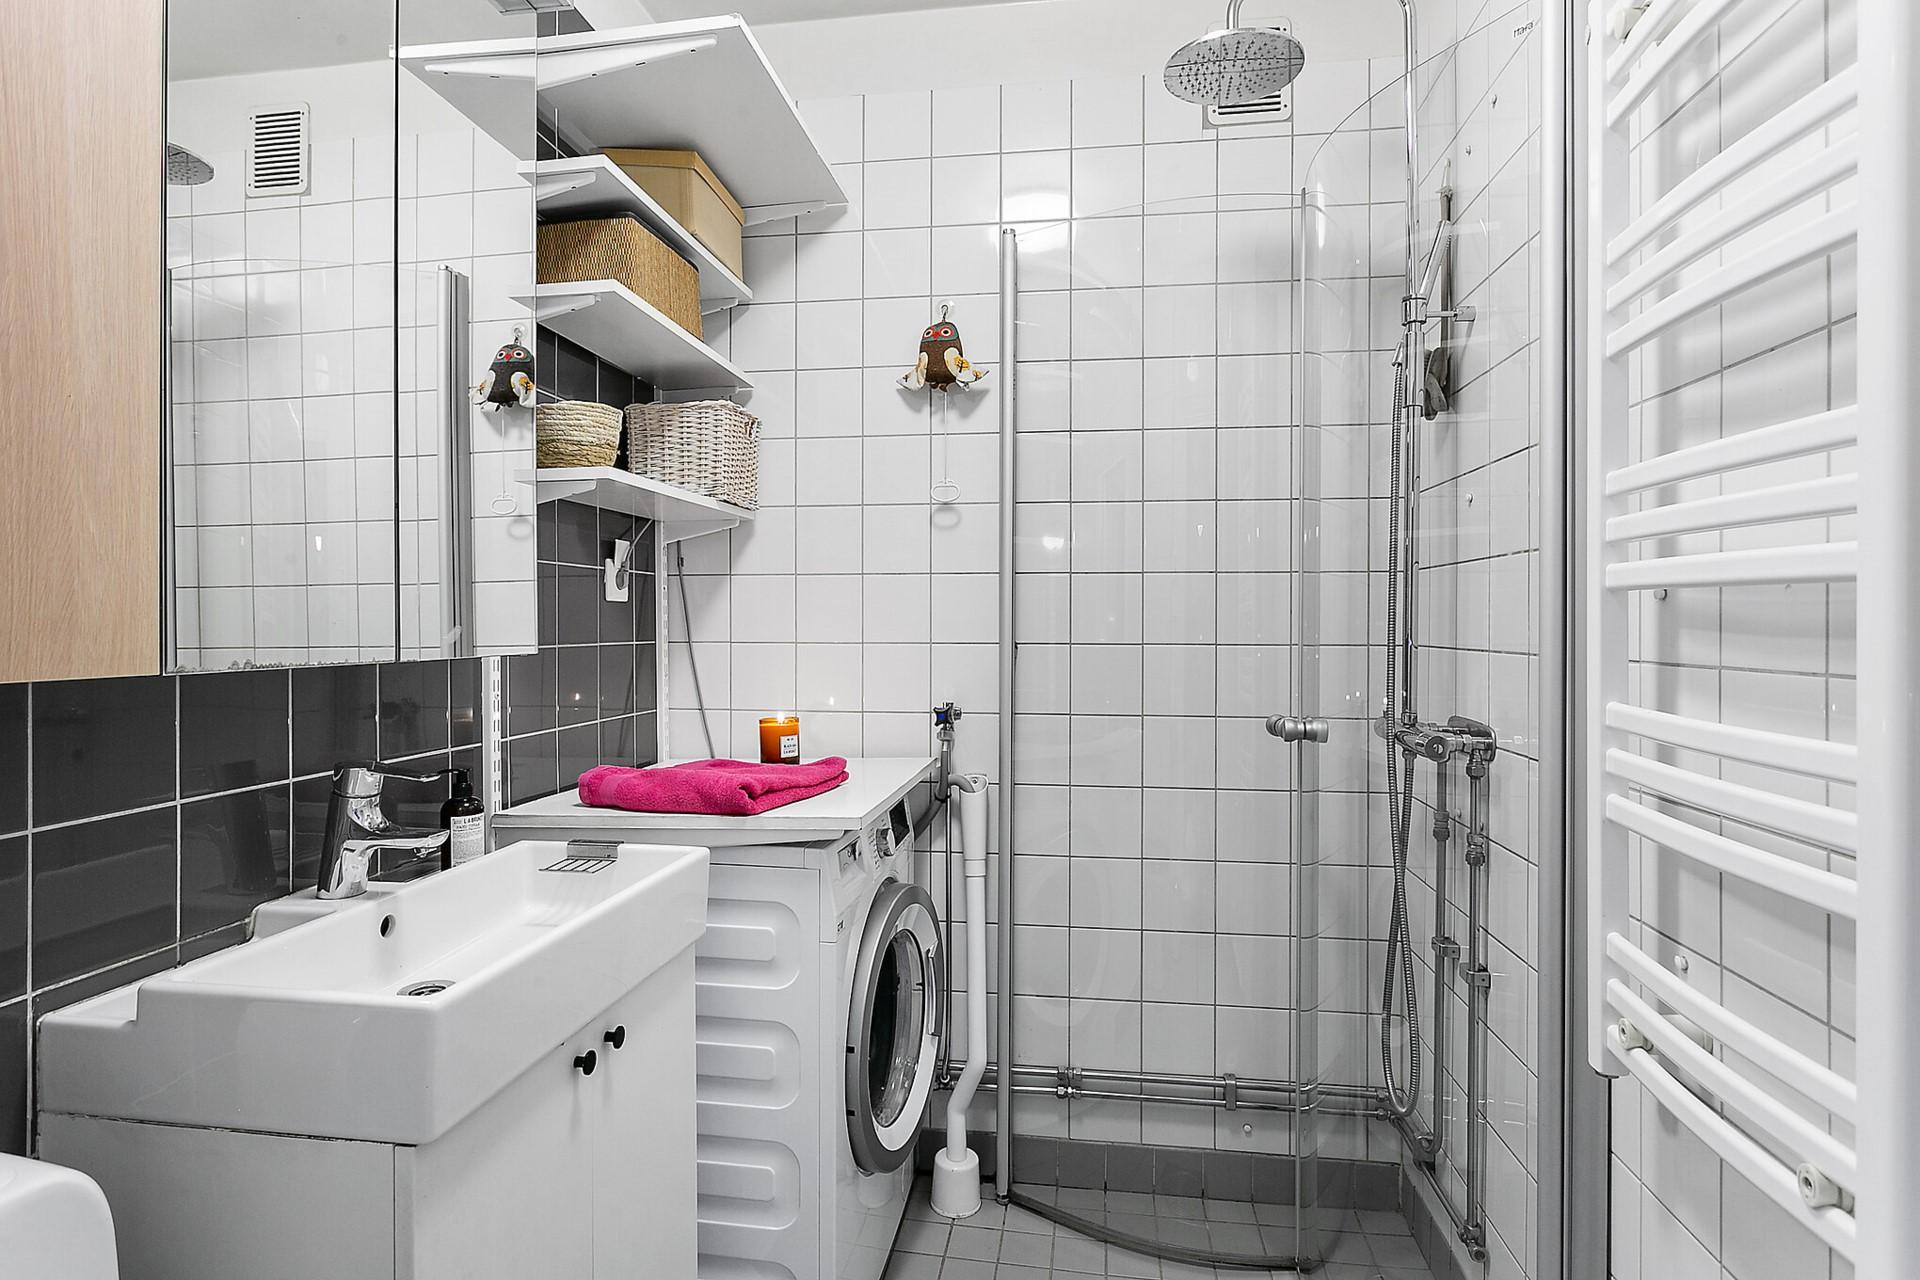 Fågeltorget 169, 2tr - Helkaklat badrum med dusch och tvättmaskin.